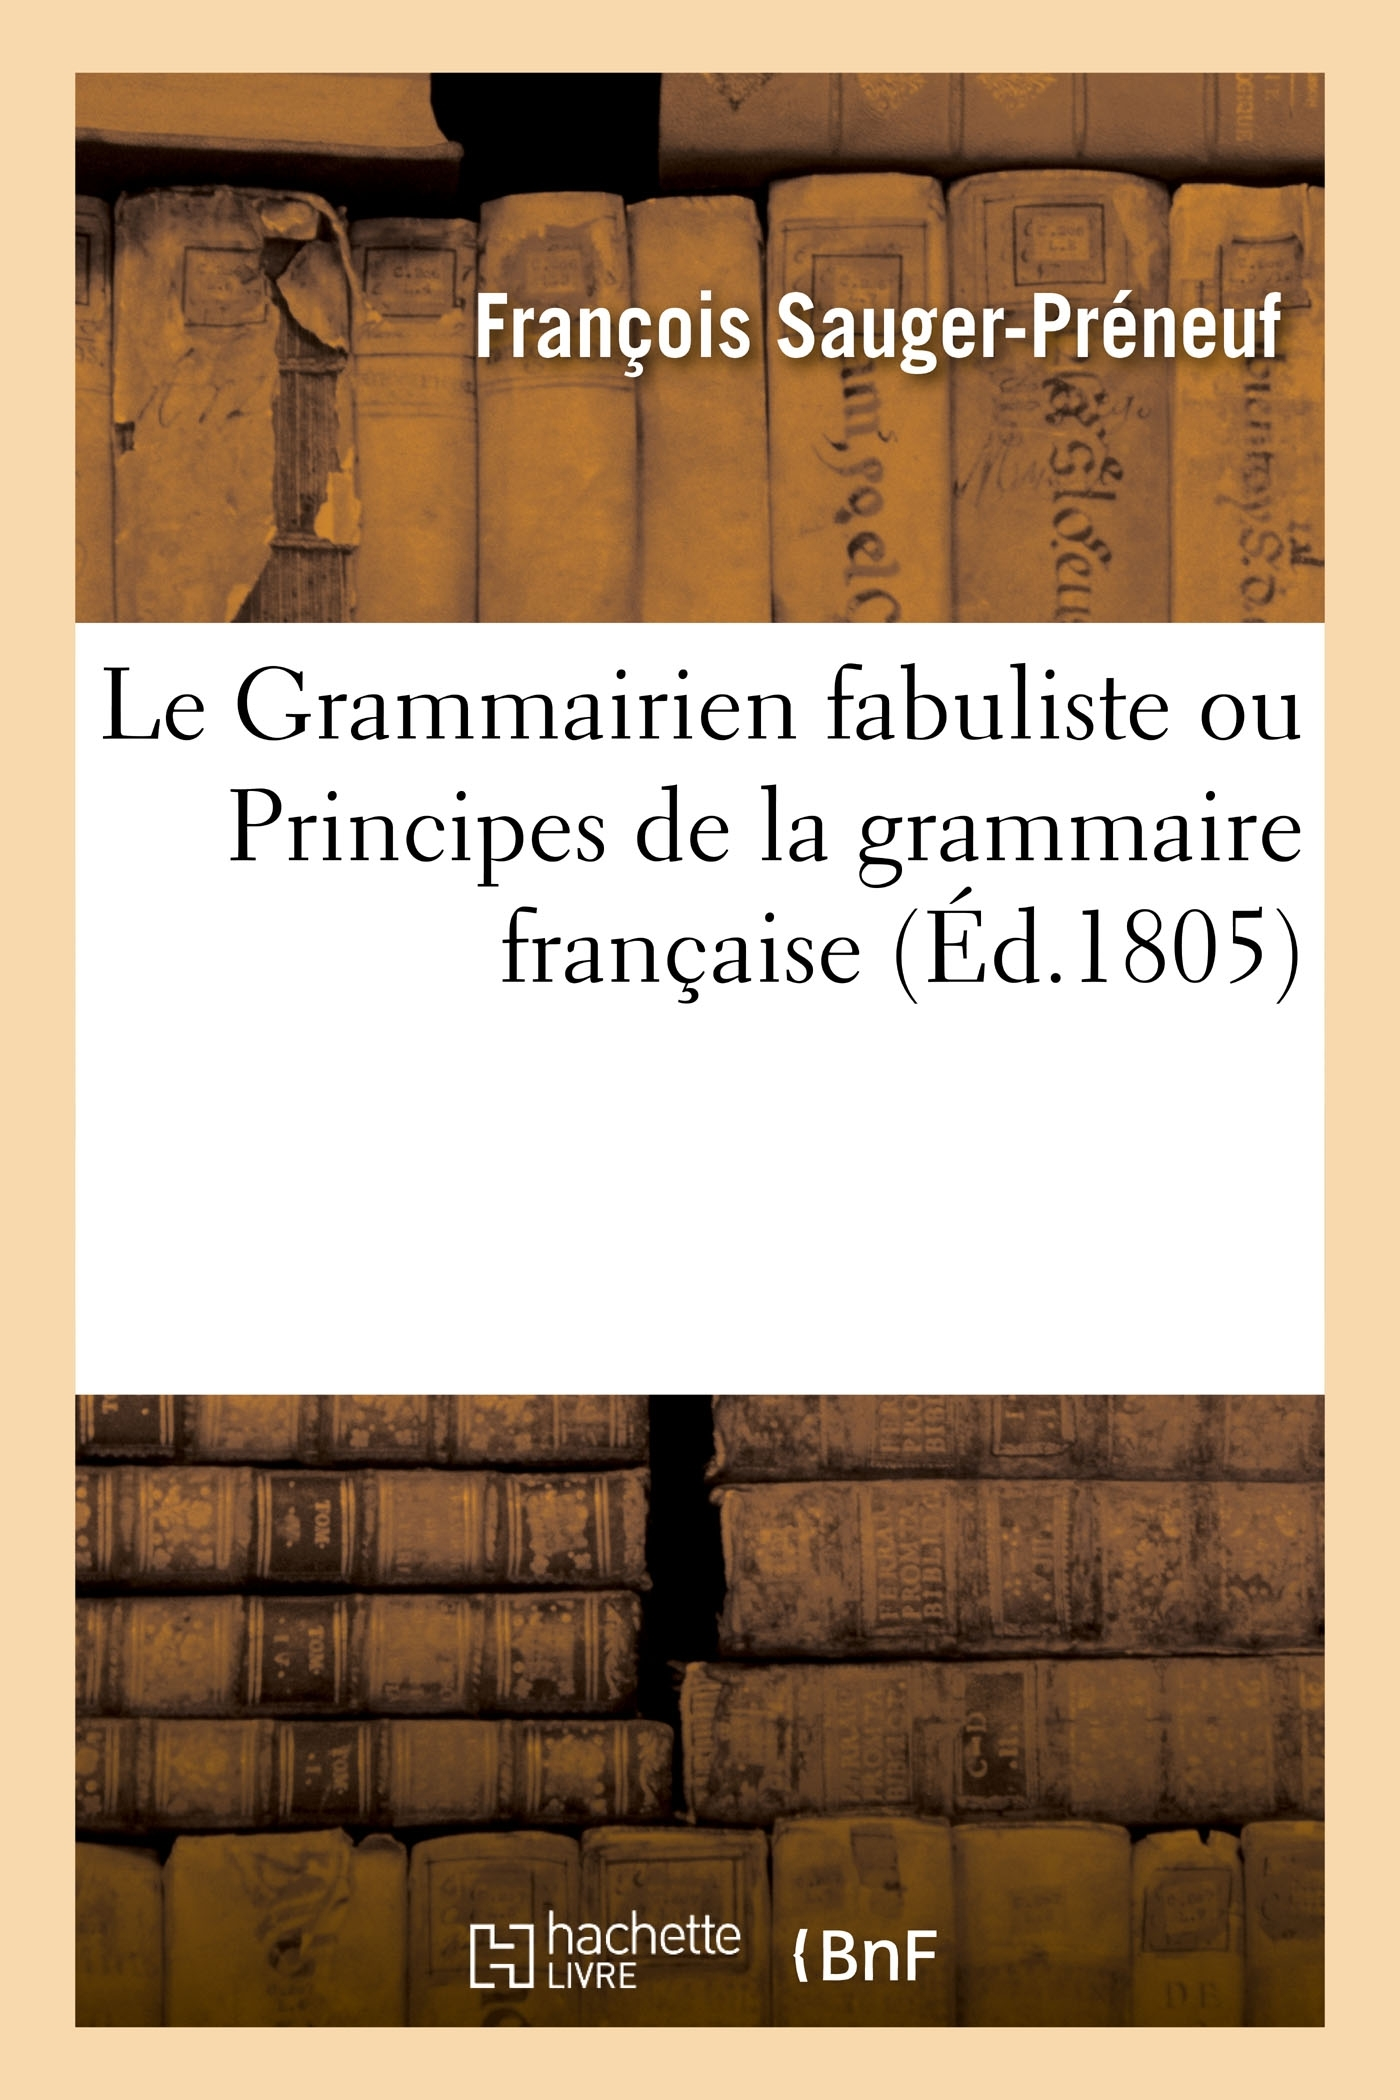 LE GRAMMAIRIEN FABULISTE OU PRINCIPES DE LA GRAMMAIRE FRANCAISE - MIS A LA PORTEE DU PREMIER AGE, ET